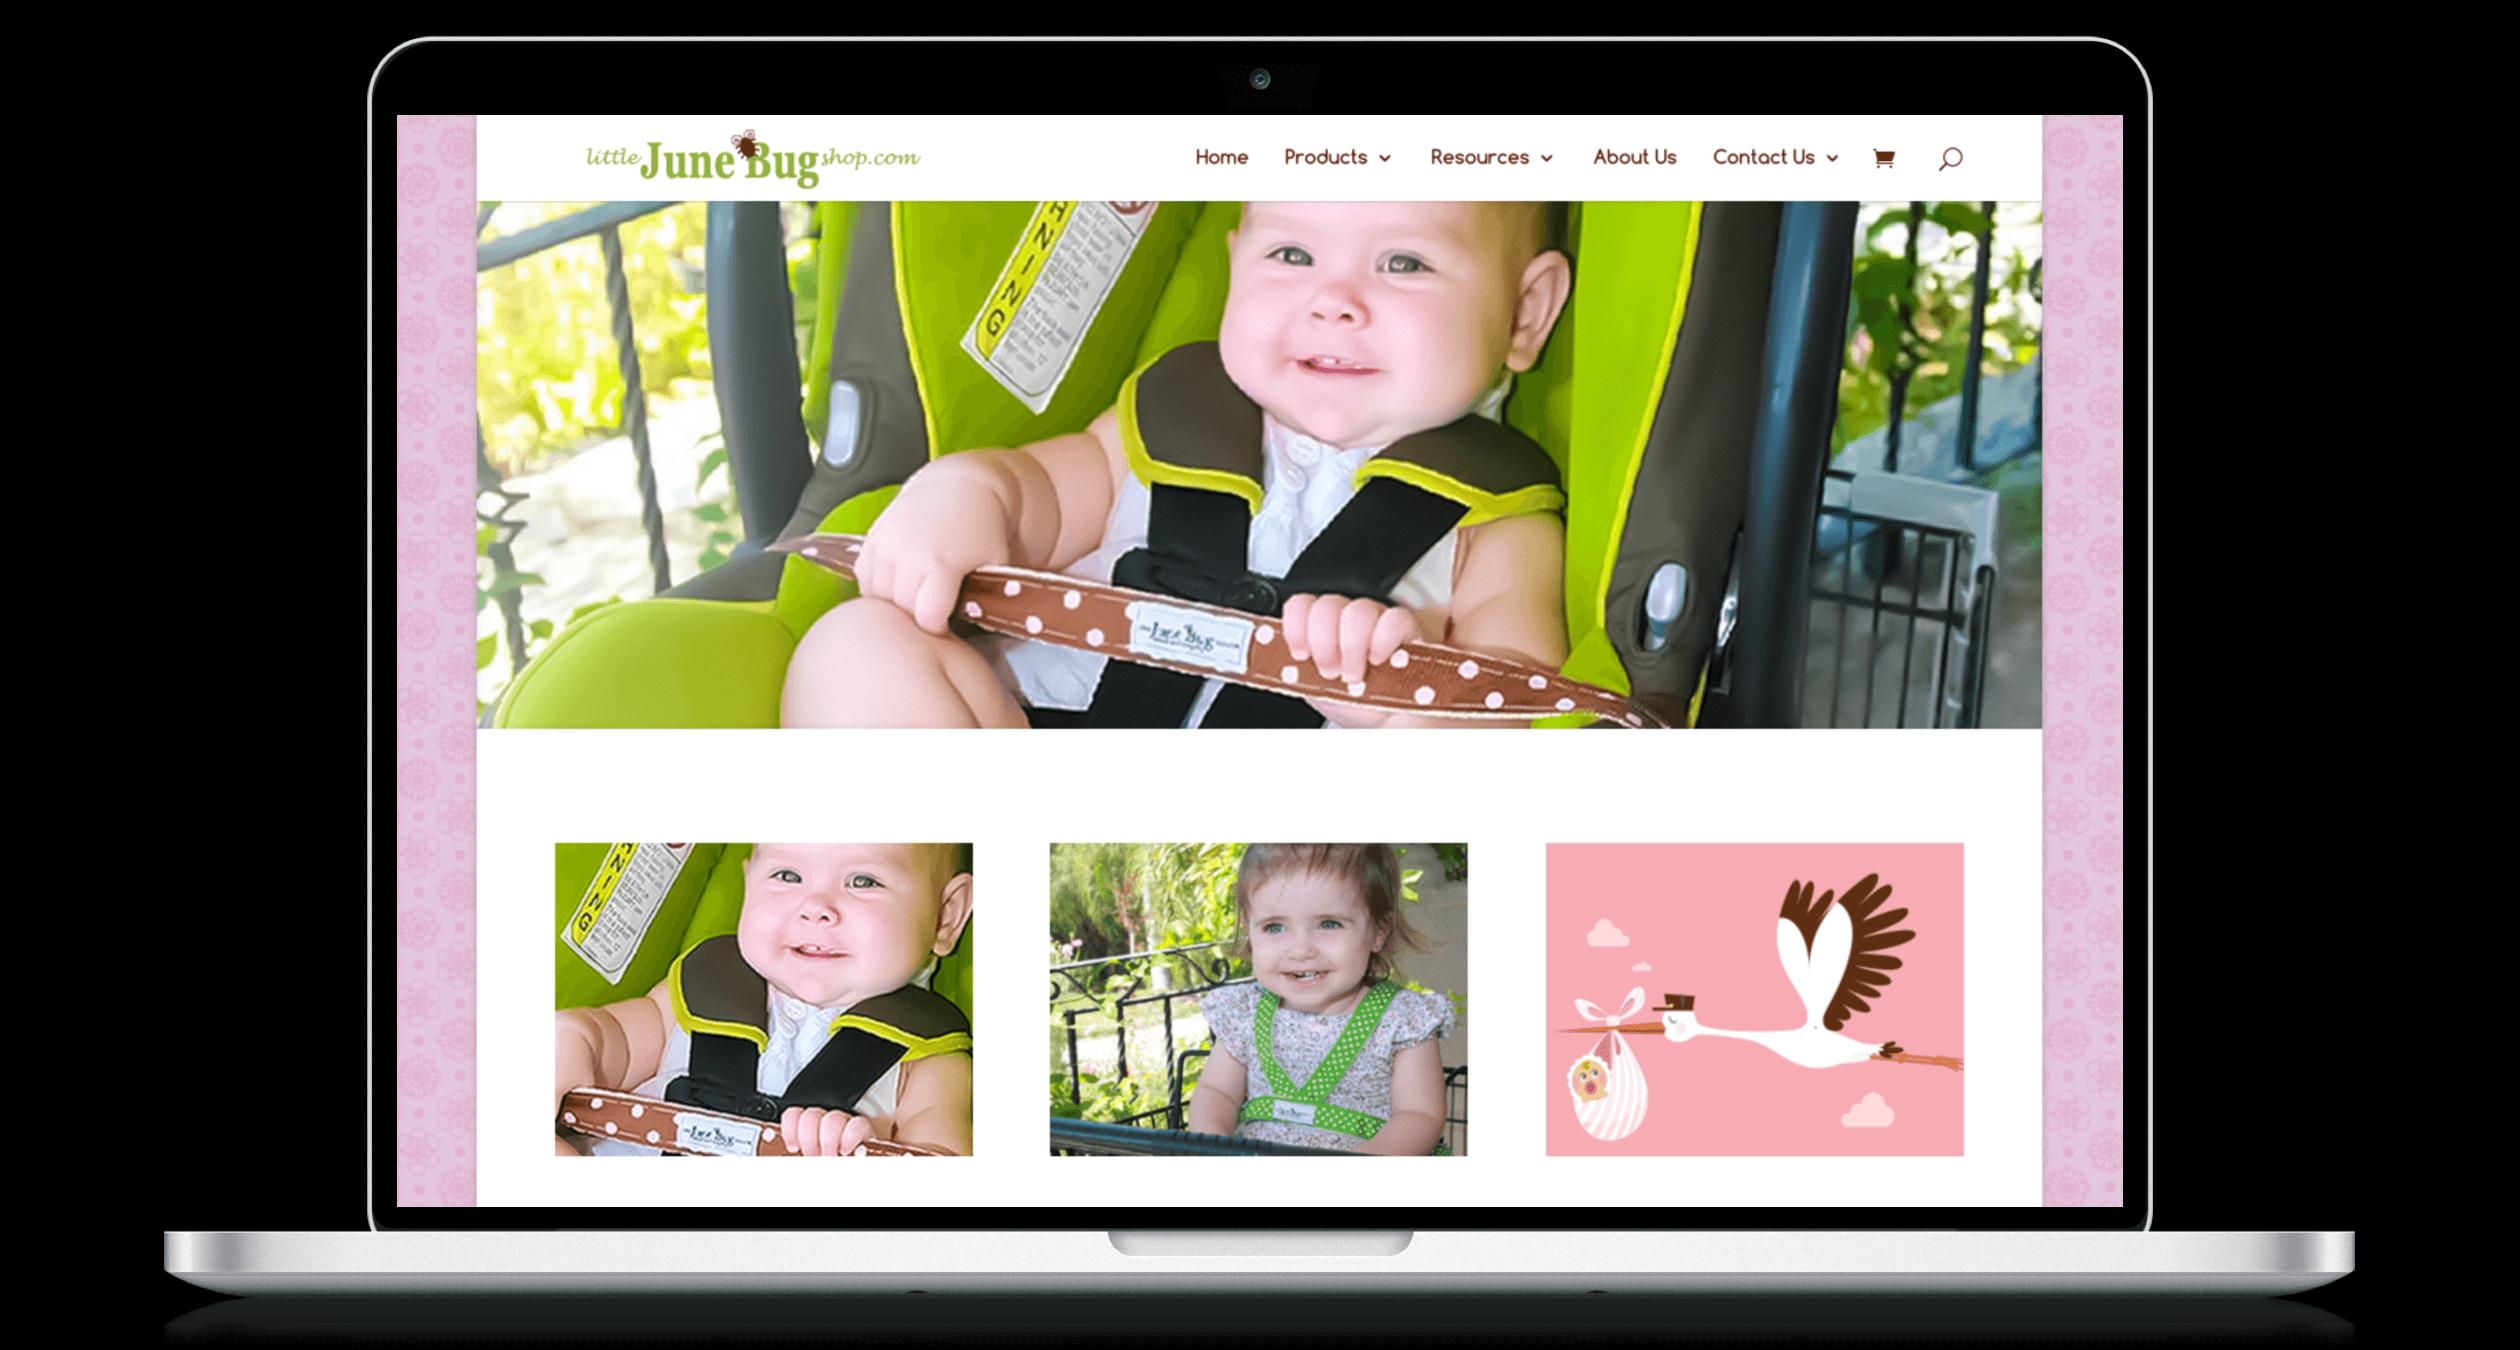 PHX-Web-Agency-Little-June-Bug-Shop-Child-Safety-Belts-Website-Design-Before